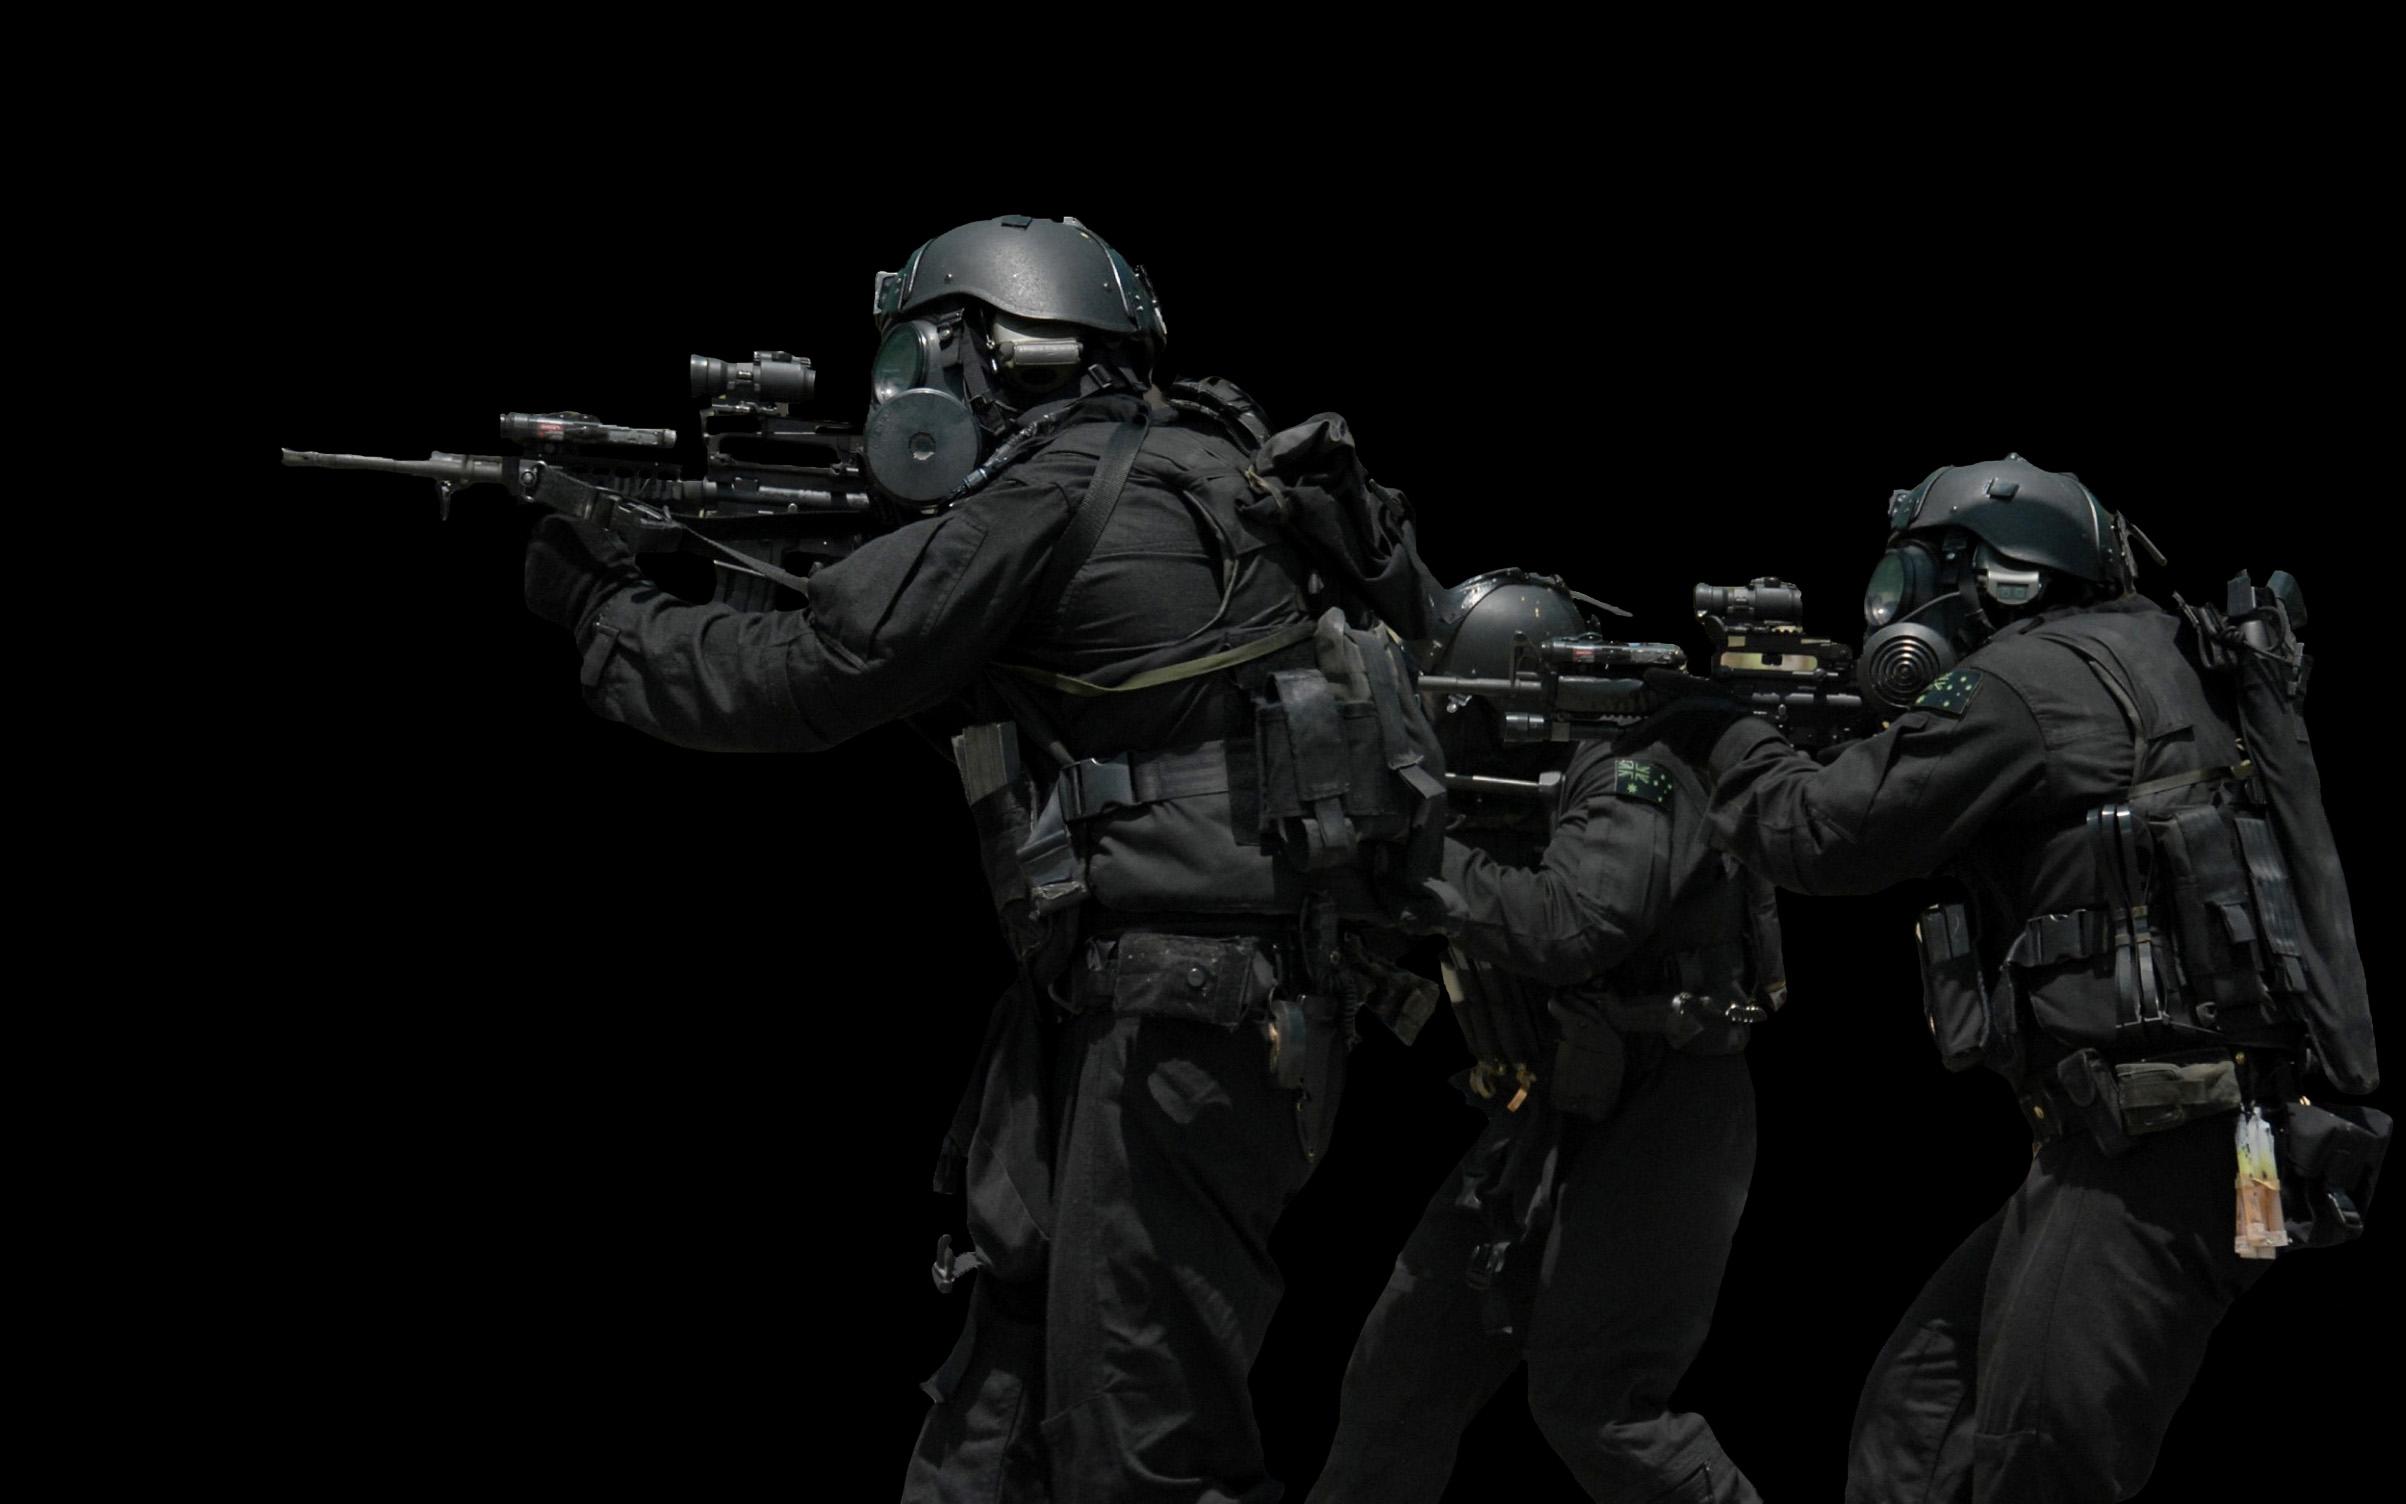 Download wallpaper Swat wallpaper wallpapers for desktop SWAT 2406x1504